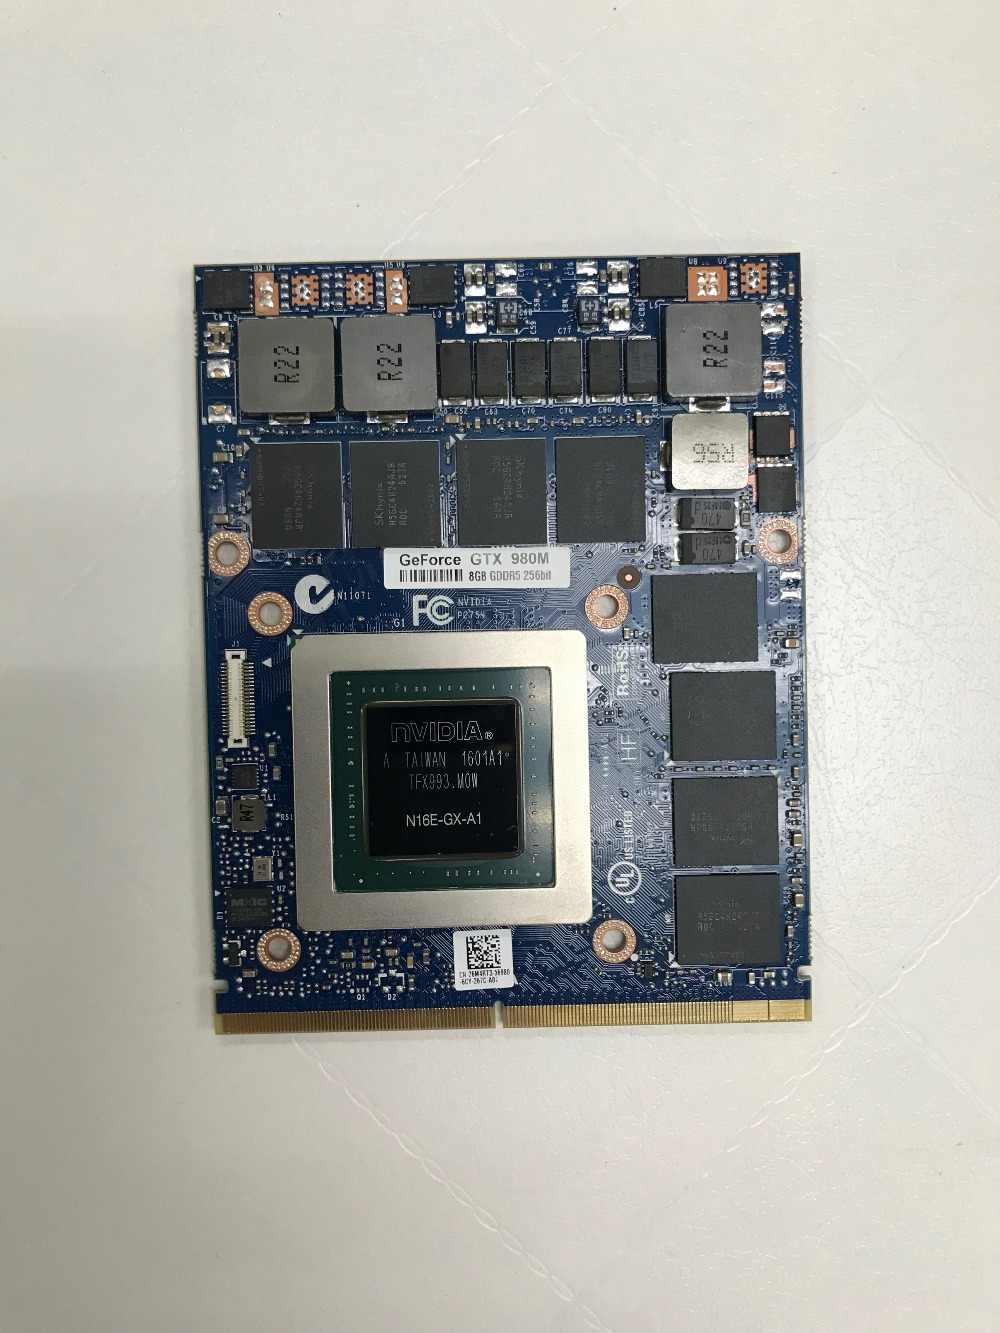 ¡Nuevo! DHL GTX980M GTX 980M tarjeta gráfica GPU N16E-GX-A1 8GB GDDR5 para Alienware Clevo GTX980 tarjeta de vídeo GPU reemplazo